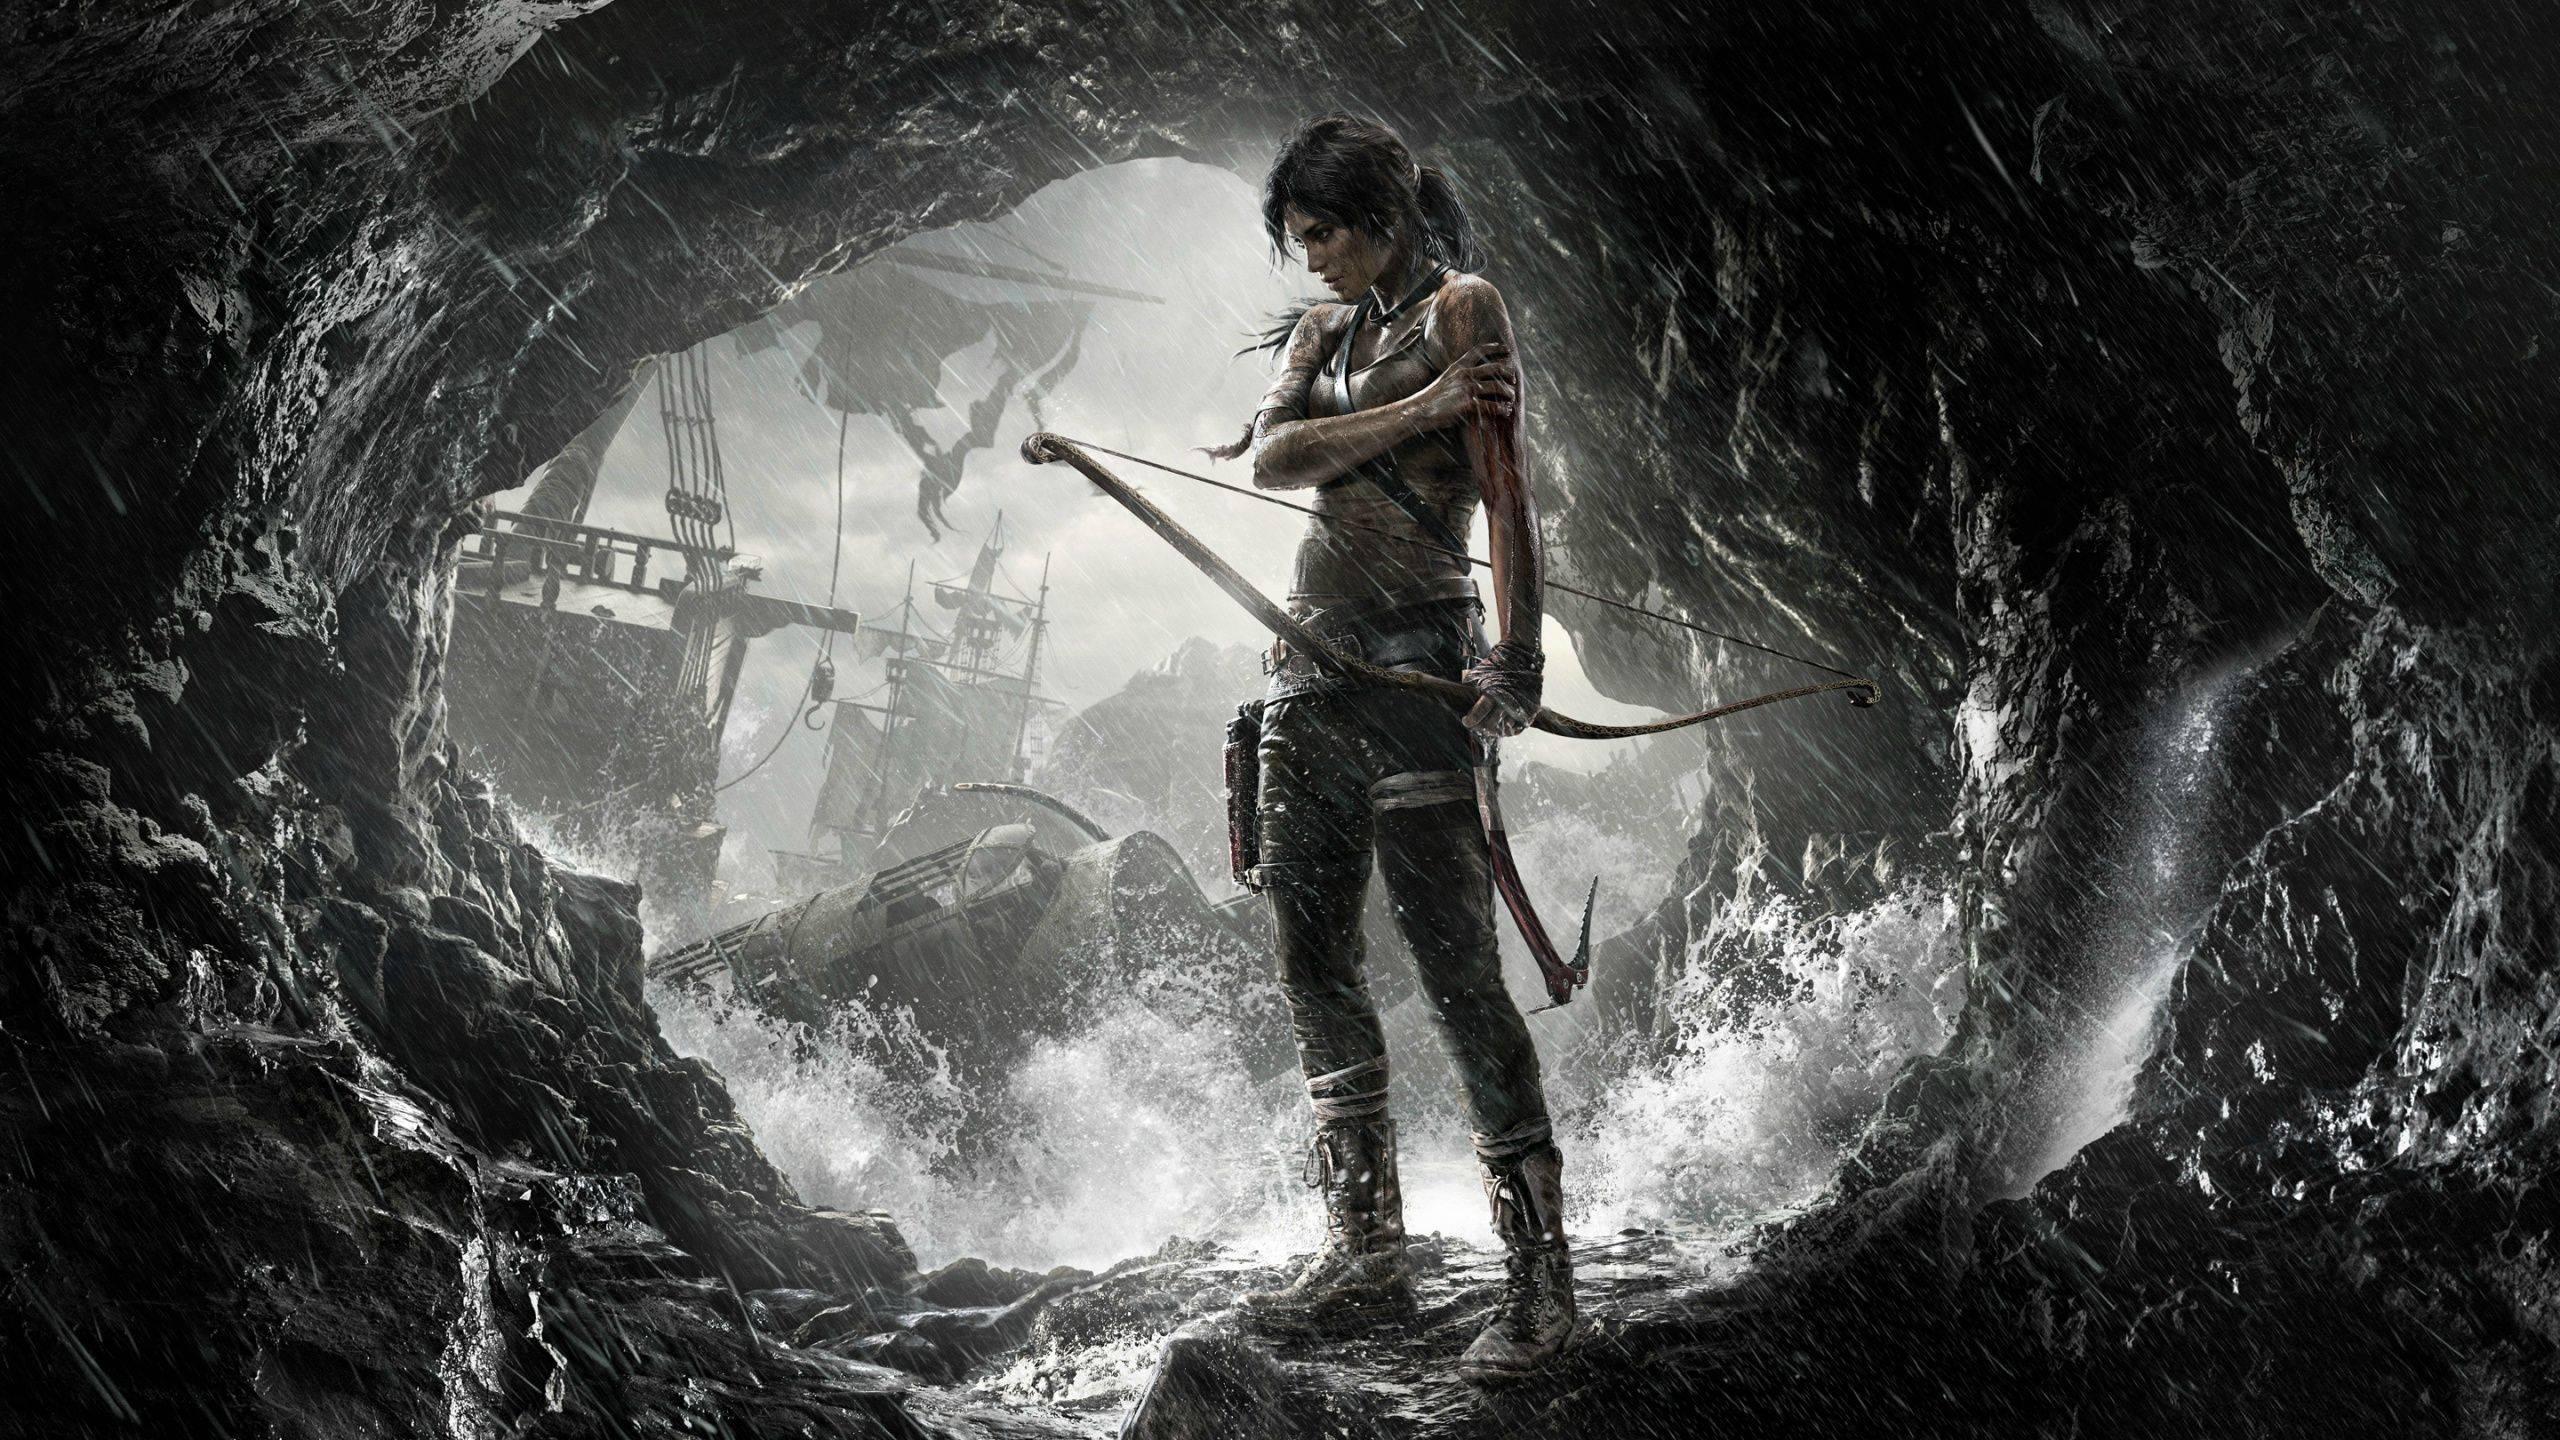 Tomb Raider Wallpaper HD